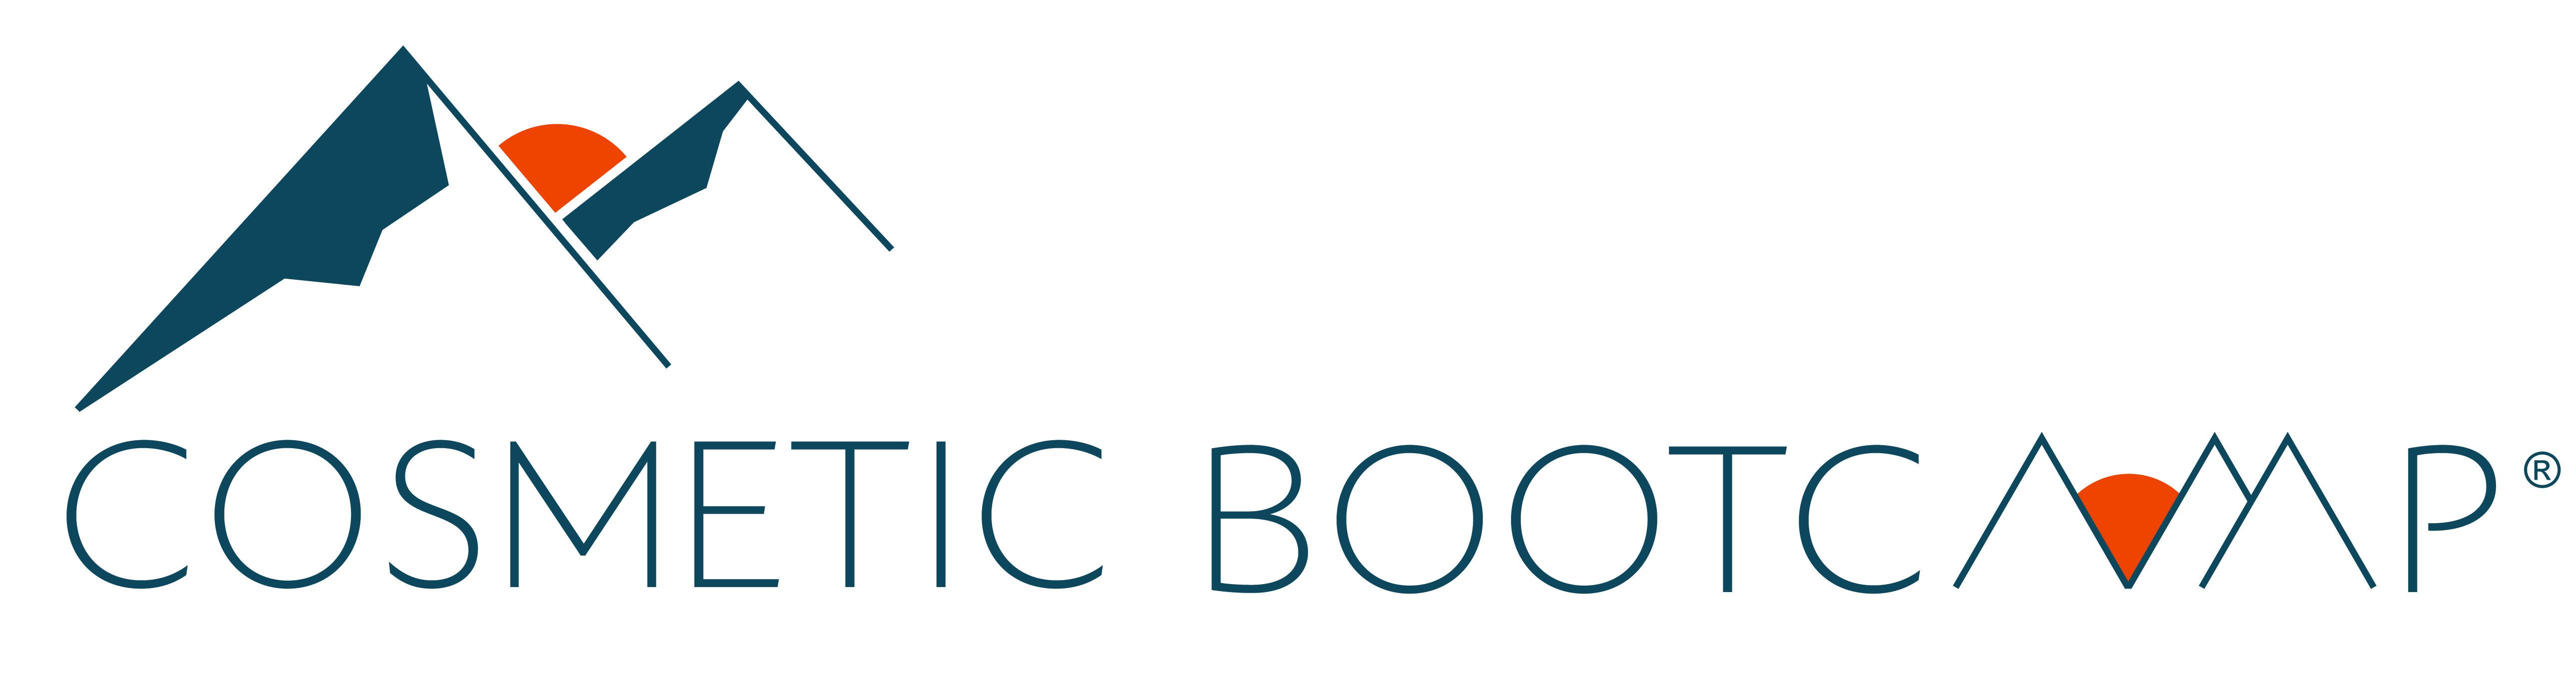 CBOOT_logo_color_full-1